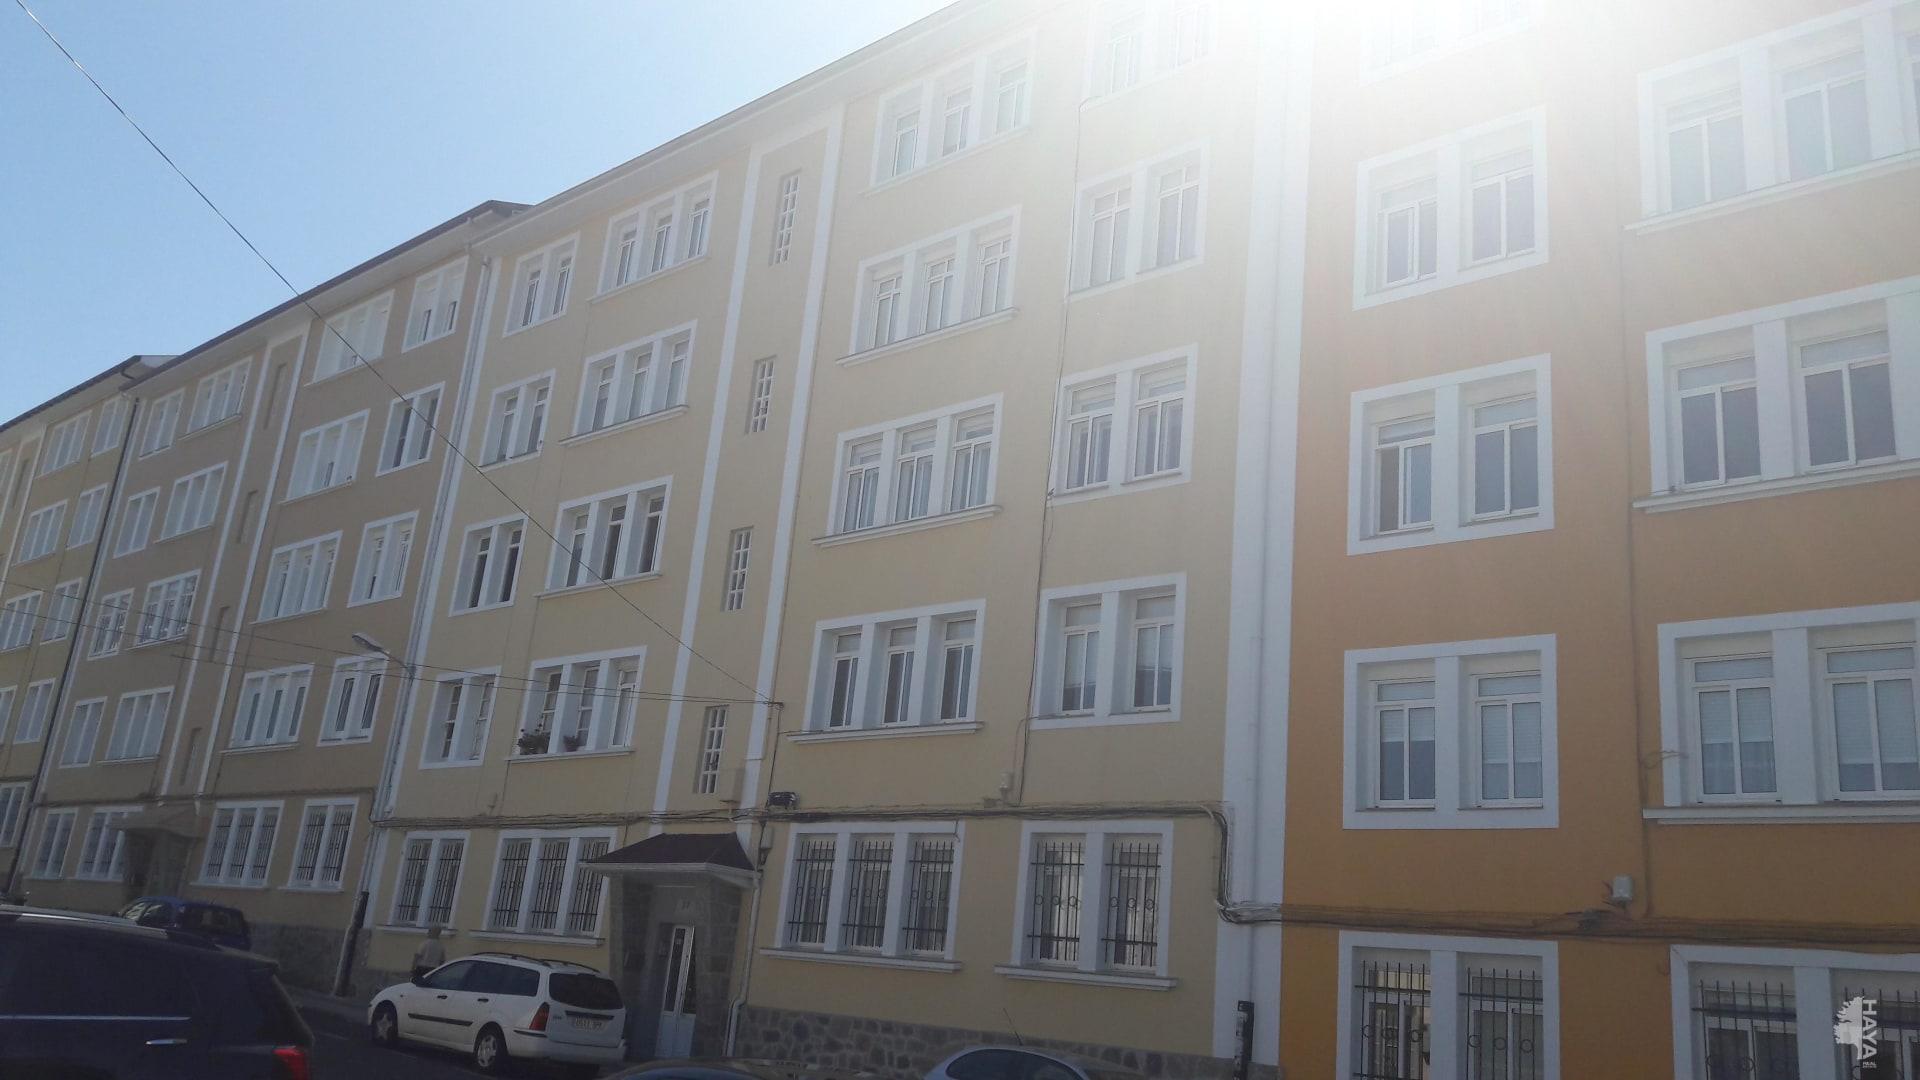 Piso en venta en Santa Icía, Narón, A Coruña, Calle Mestre Mateo, 55.200 €, 3 habitaciones, 1 baño, 72 m2